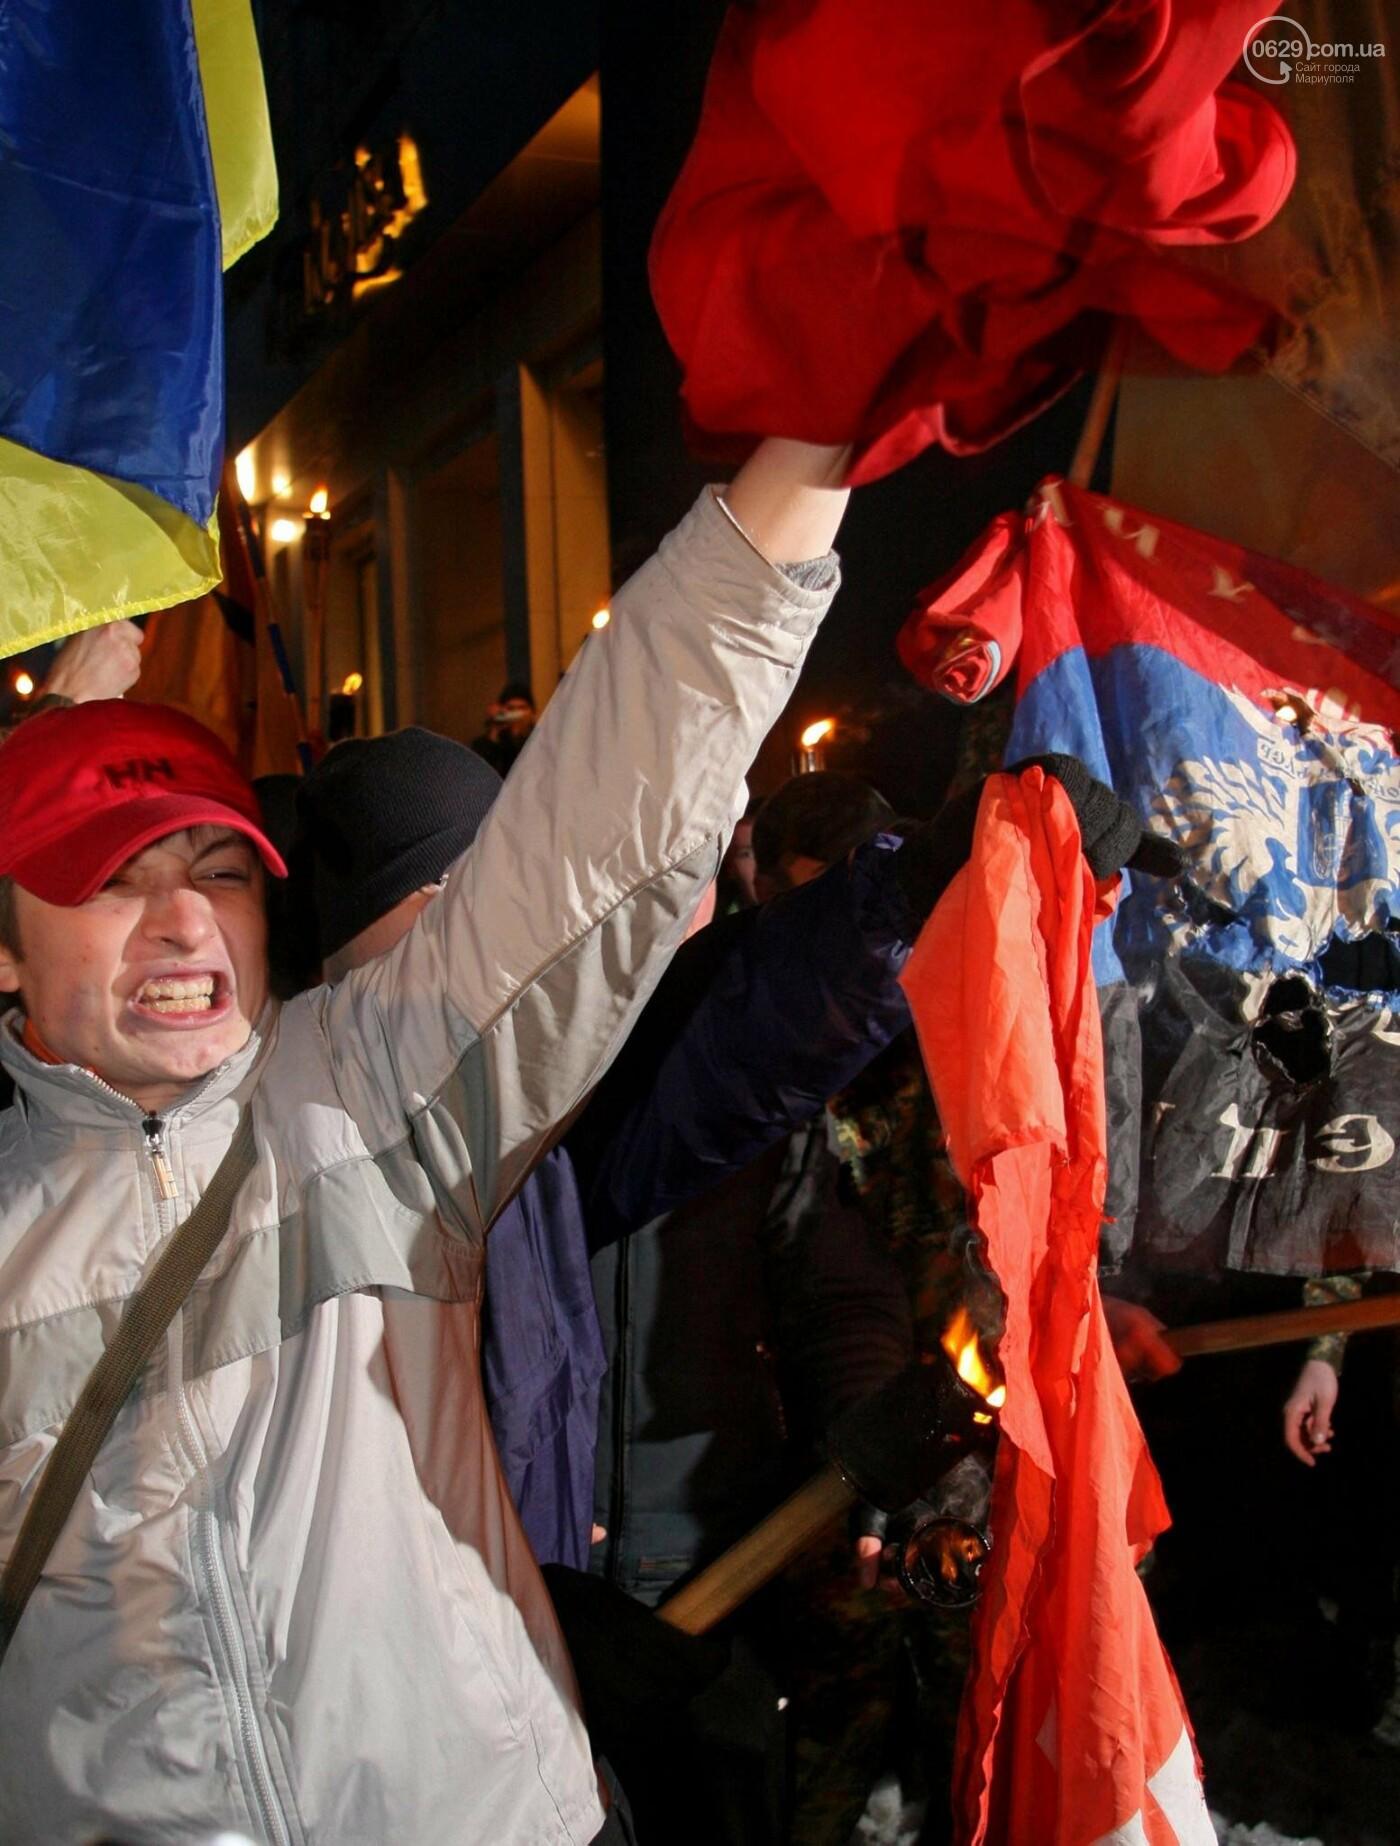 """Драки и сожжённые флаги. Как боролись с """"Донецкой республикой"""" 12 лет назад,  - ФОТО, фото-5"""